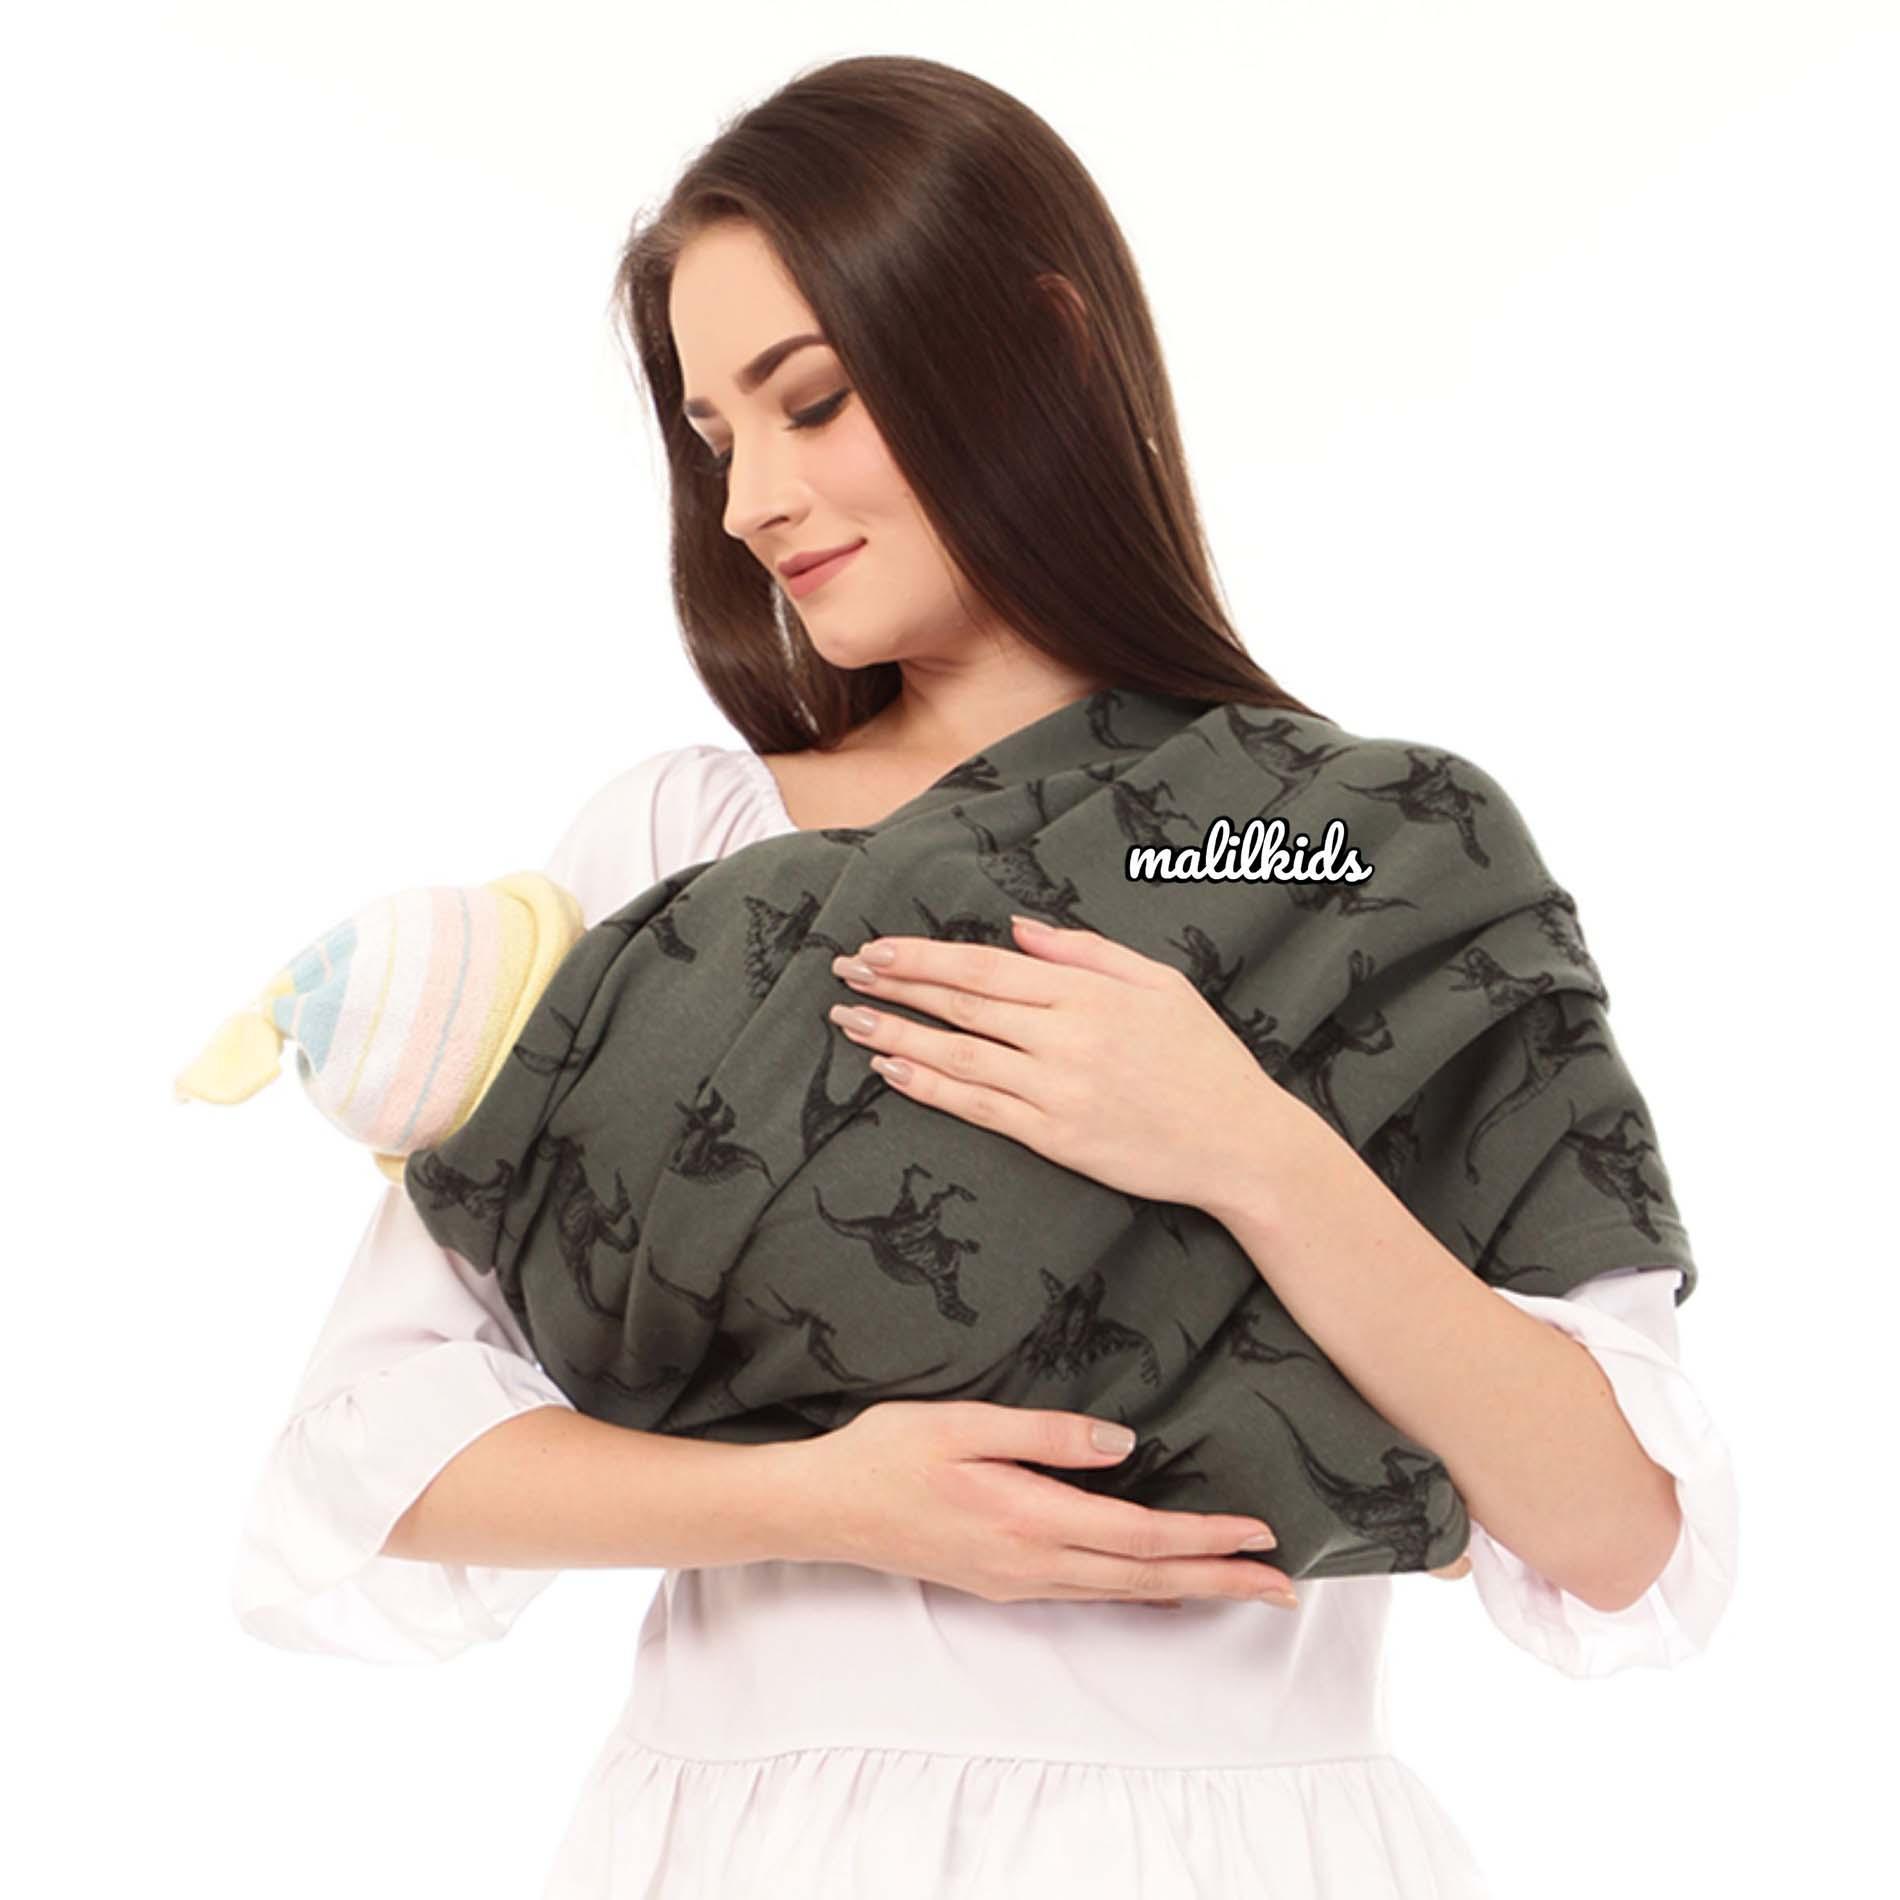 Review Gratis Pouch! Size Xl Malilkids Geos Gendongan Kaos Premium Gendongan Instan Model Dino Army Dan Harga Terbaru Pebruari 2019